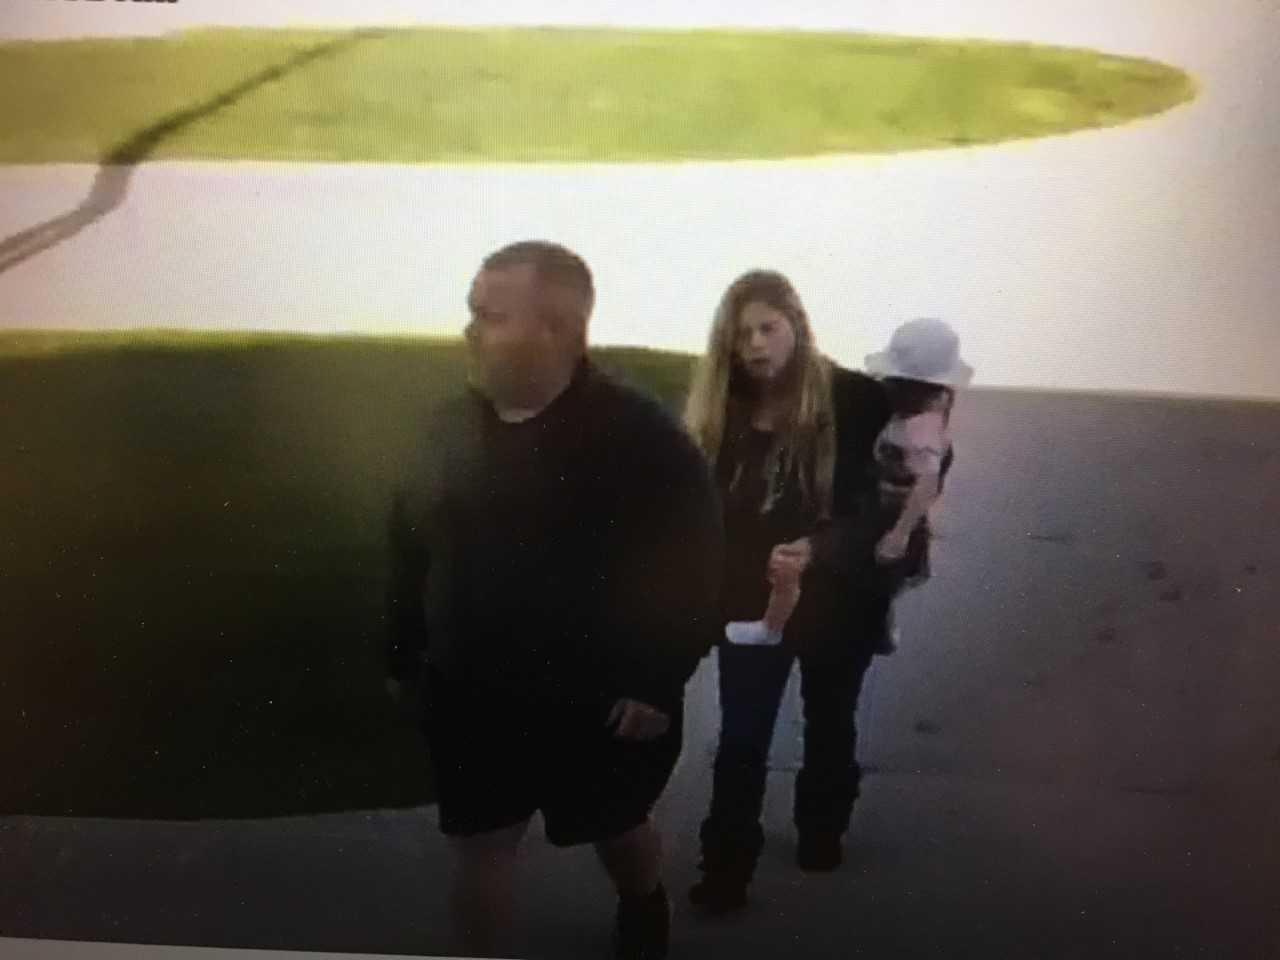 Surveillance video from Iowa